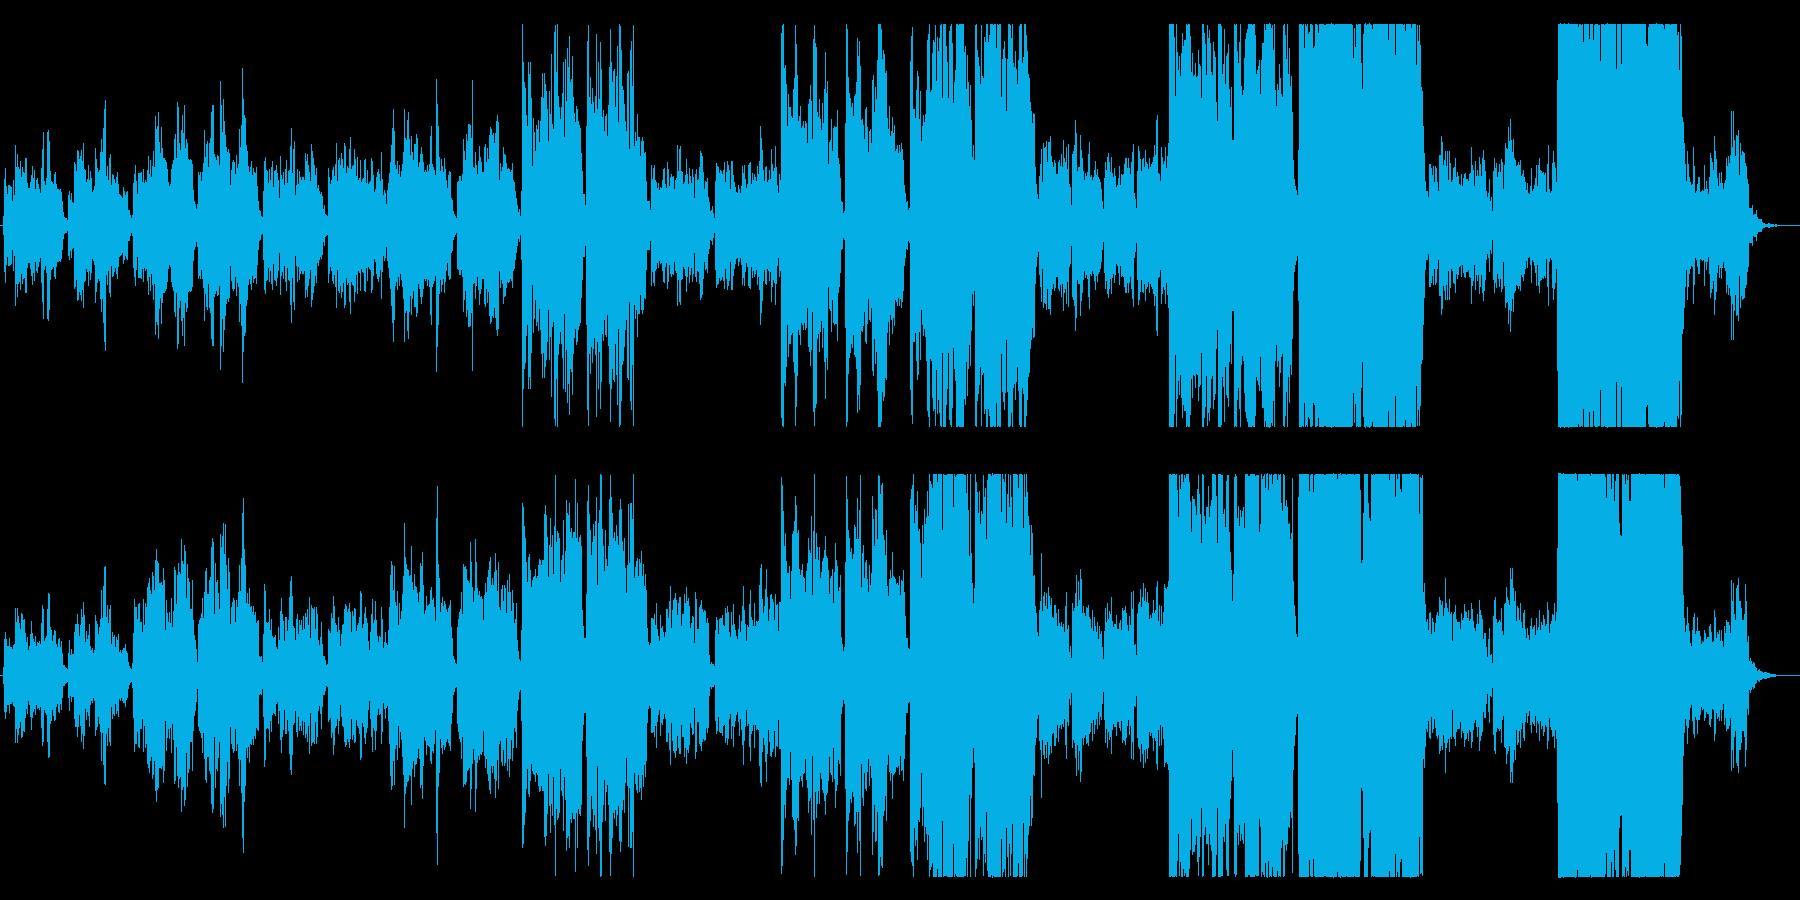 男性ボーカルを何重にも重ねたコーラスの再生済みの波形